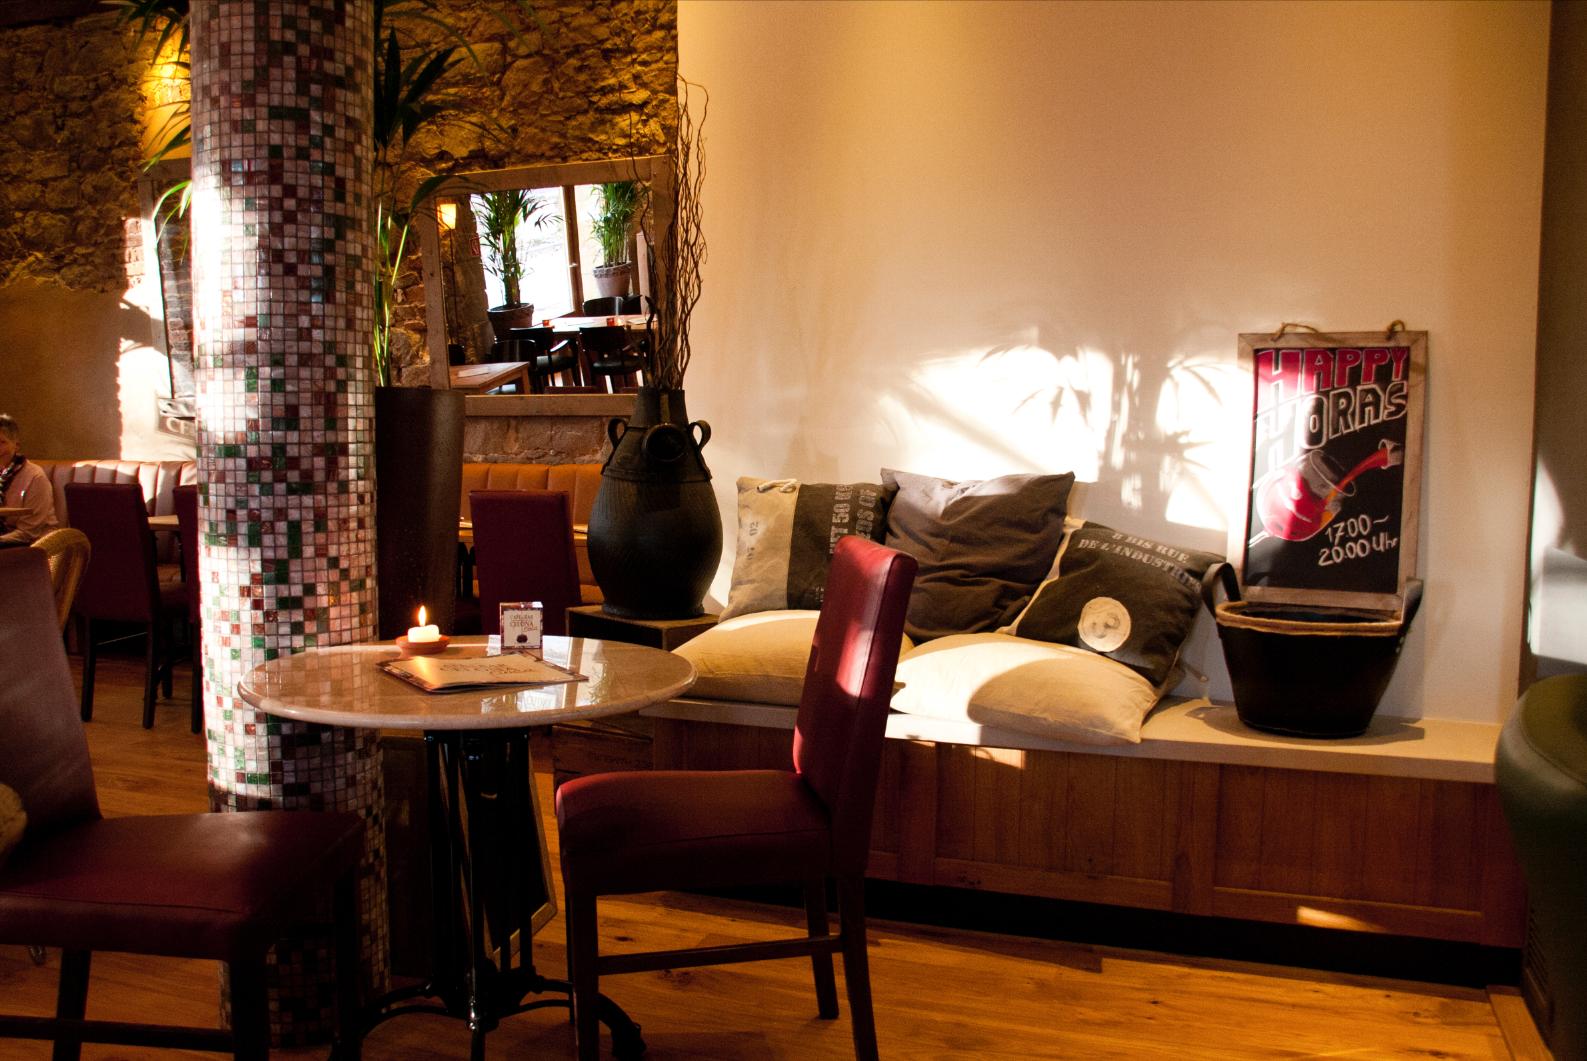 Finca Bielefeld finca bar celona bielefeld cafe bar celona